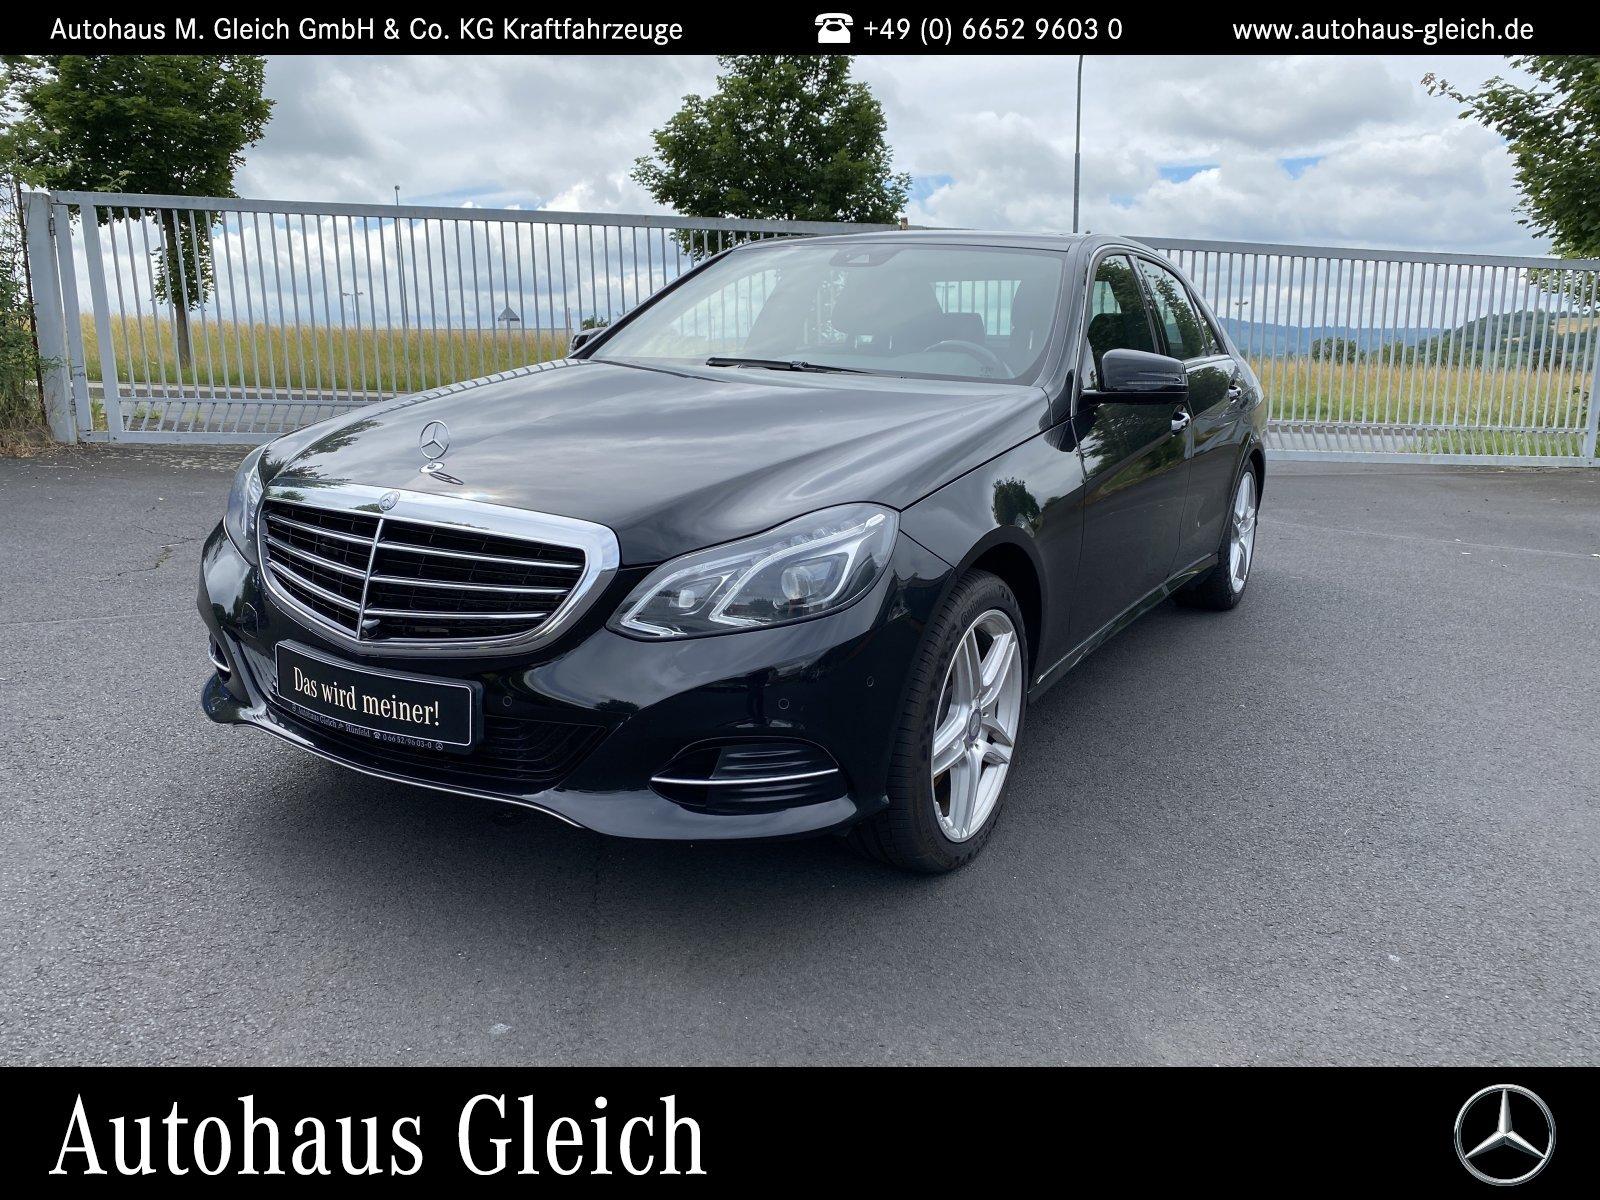 Mercedes-Benz E 400 BlueEFFICIENCY 4MATIC Limousine COMAND APS, Jahr 2013, Benzin